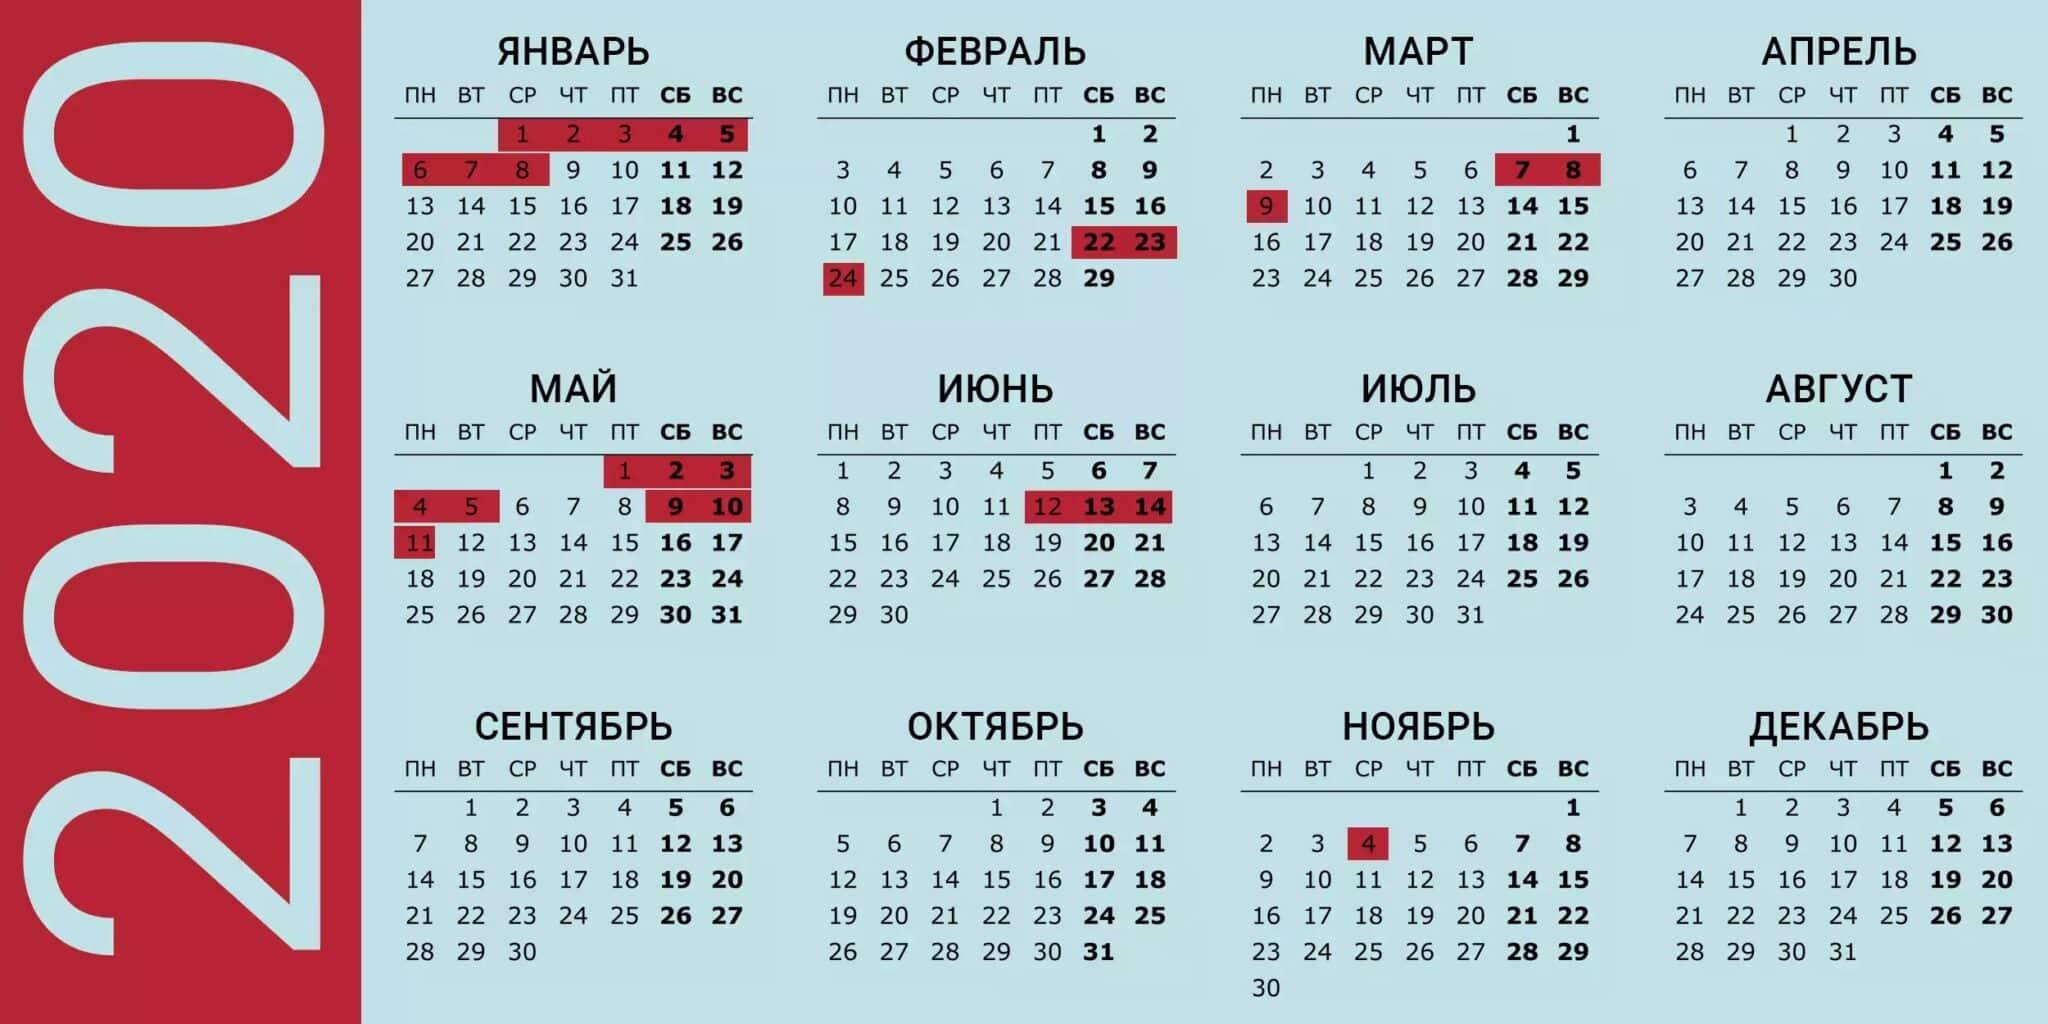 Как будем отдыхать на новогодние каникулы в 2020 году: утвержден производственный календарь на 2020 год